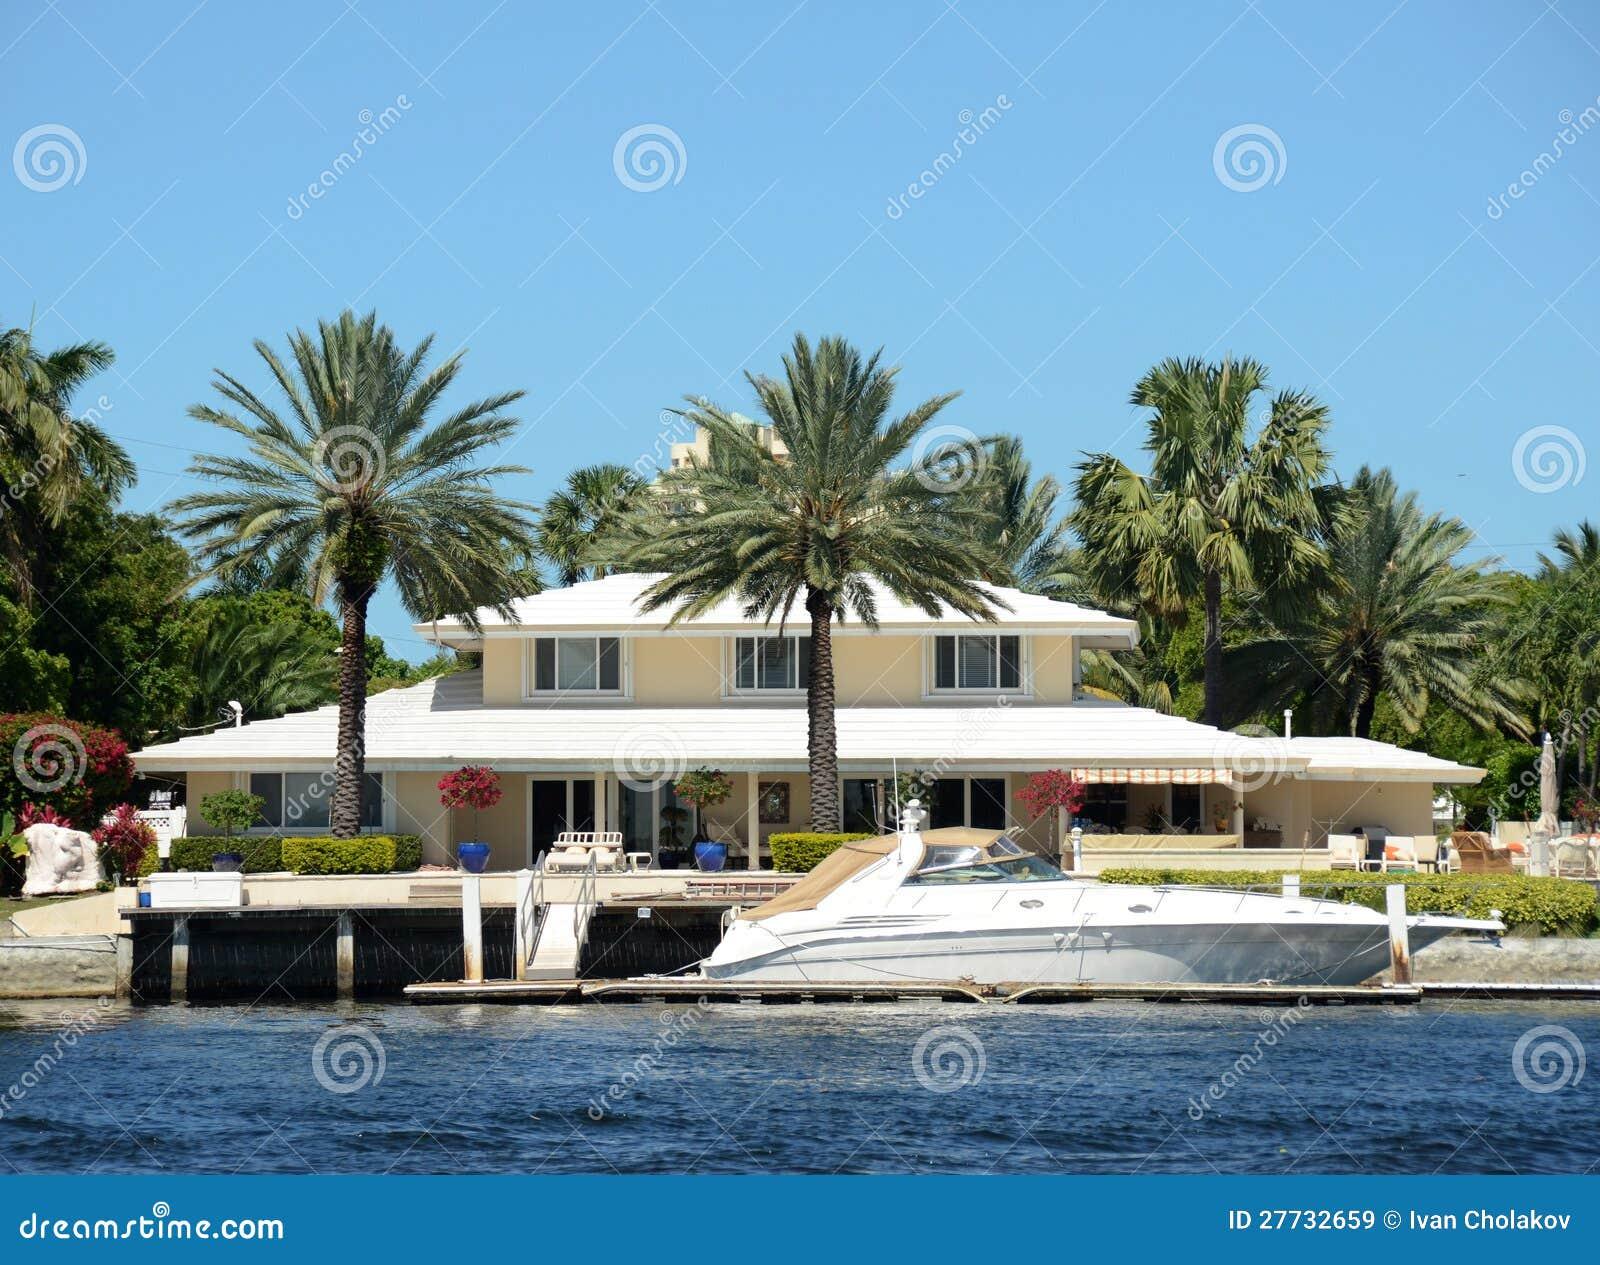 Maison de luxe de bord de mer images libres de droits - Maison moderne bord de mer ...